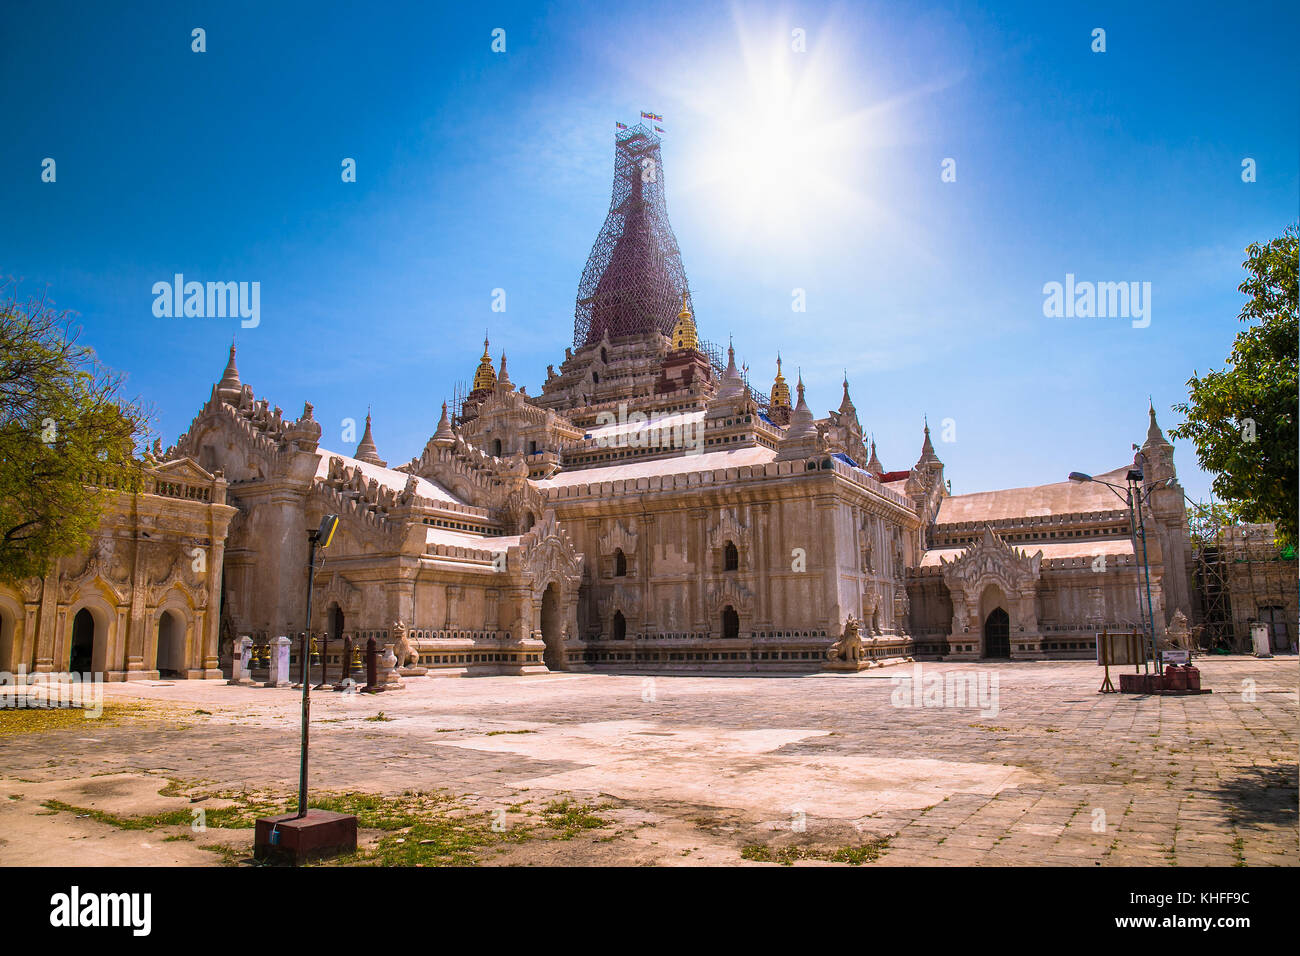 Ananda temple in Old Bagan, Myanmar. (Burma) - Stock Image